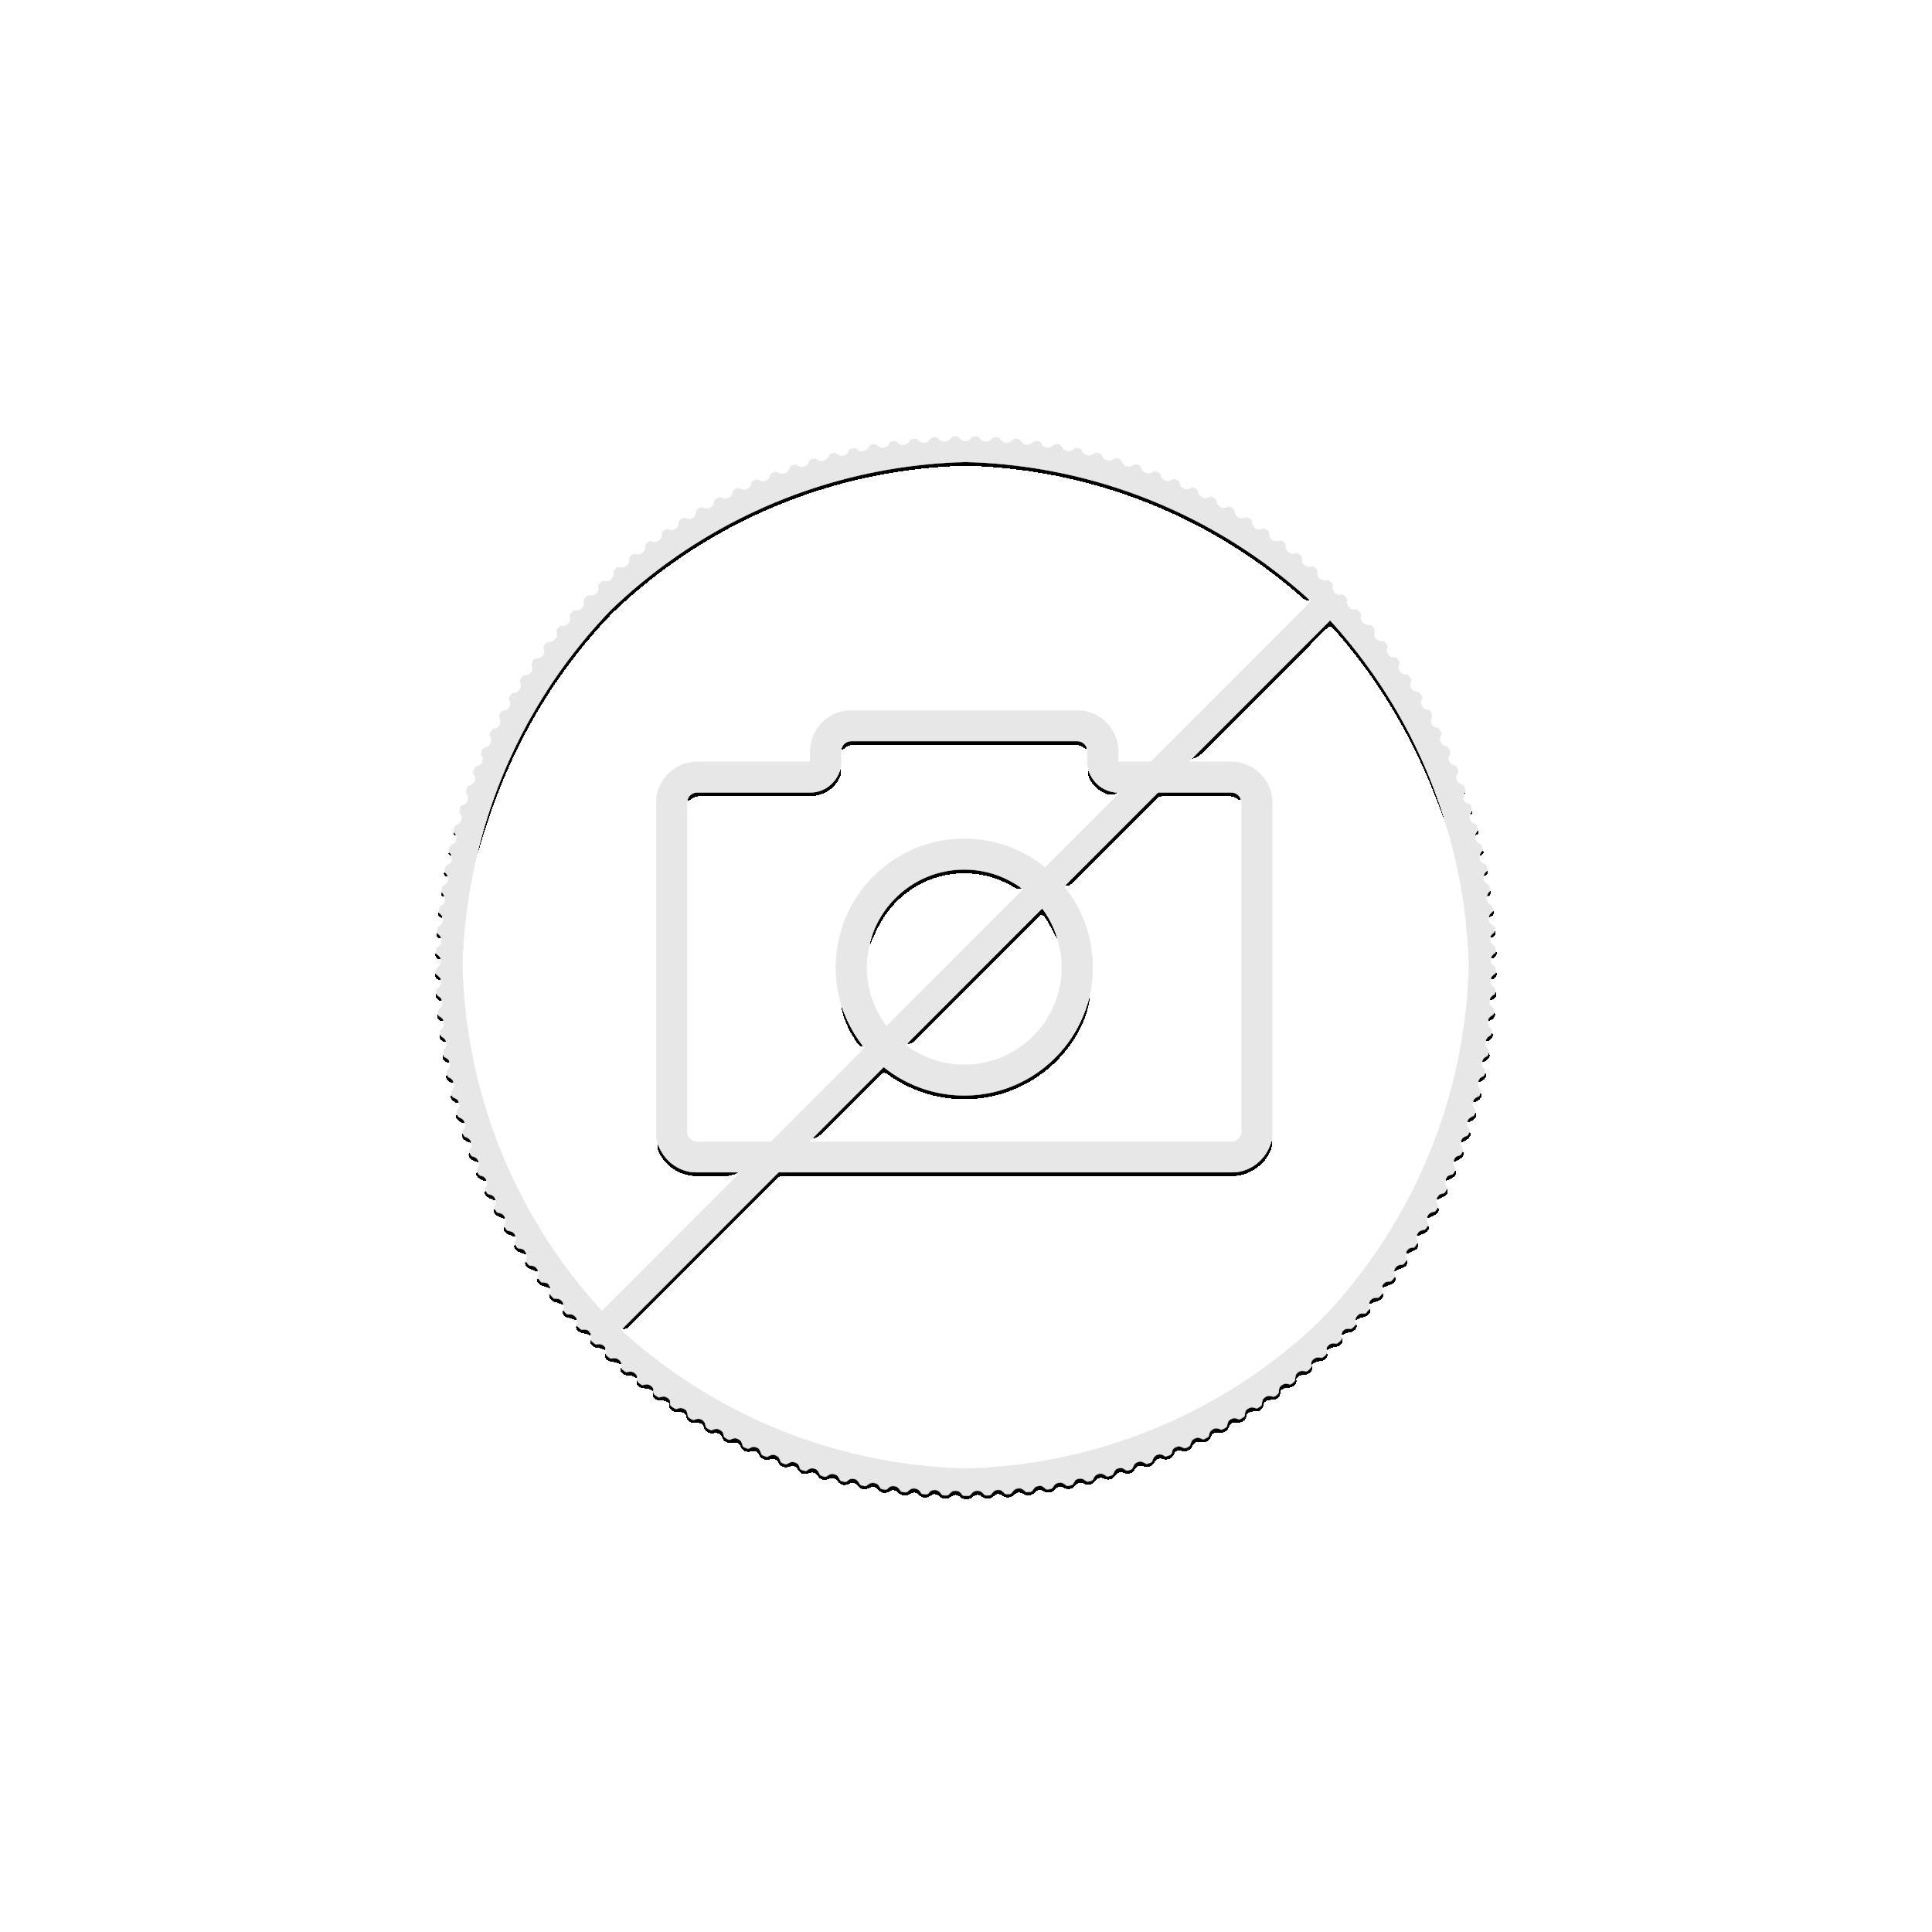 1 Troy ounce gold coin Lunar 2022